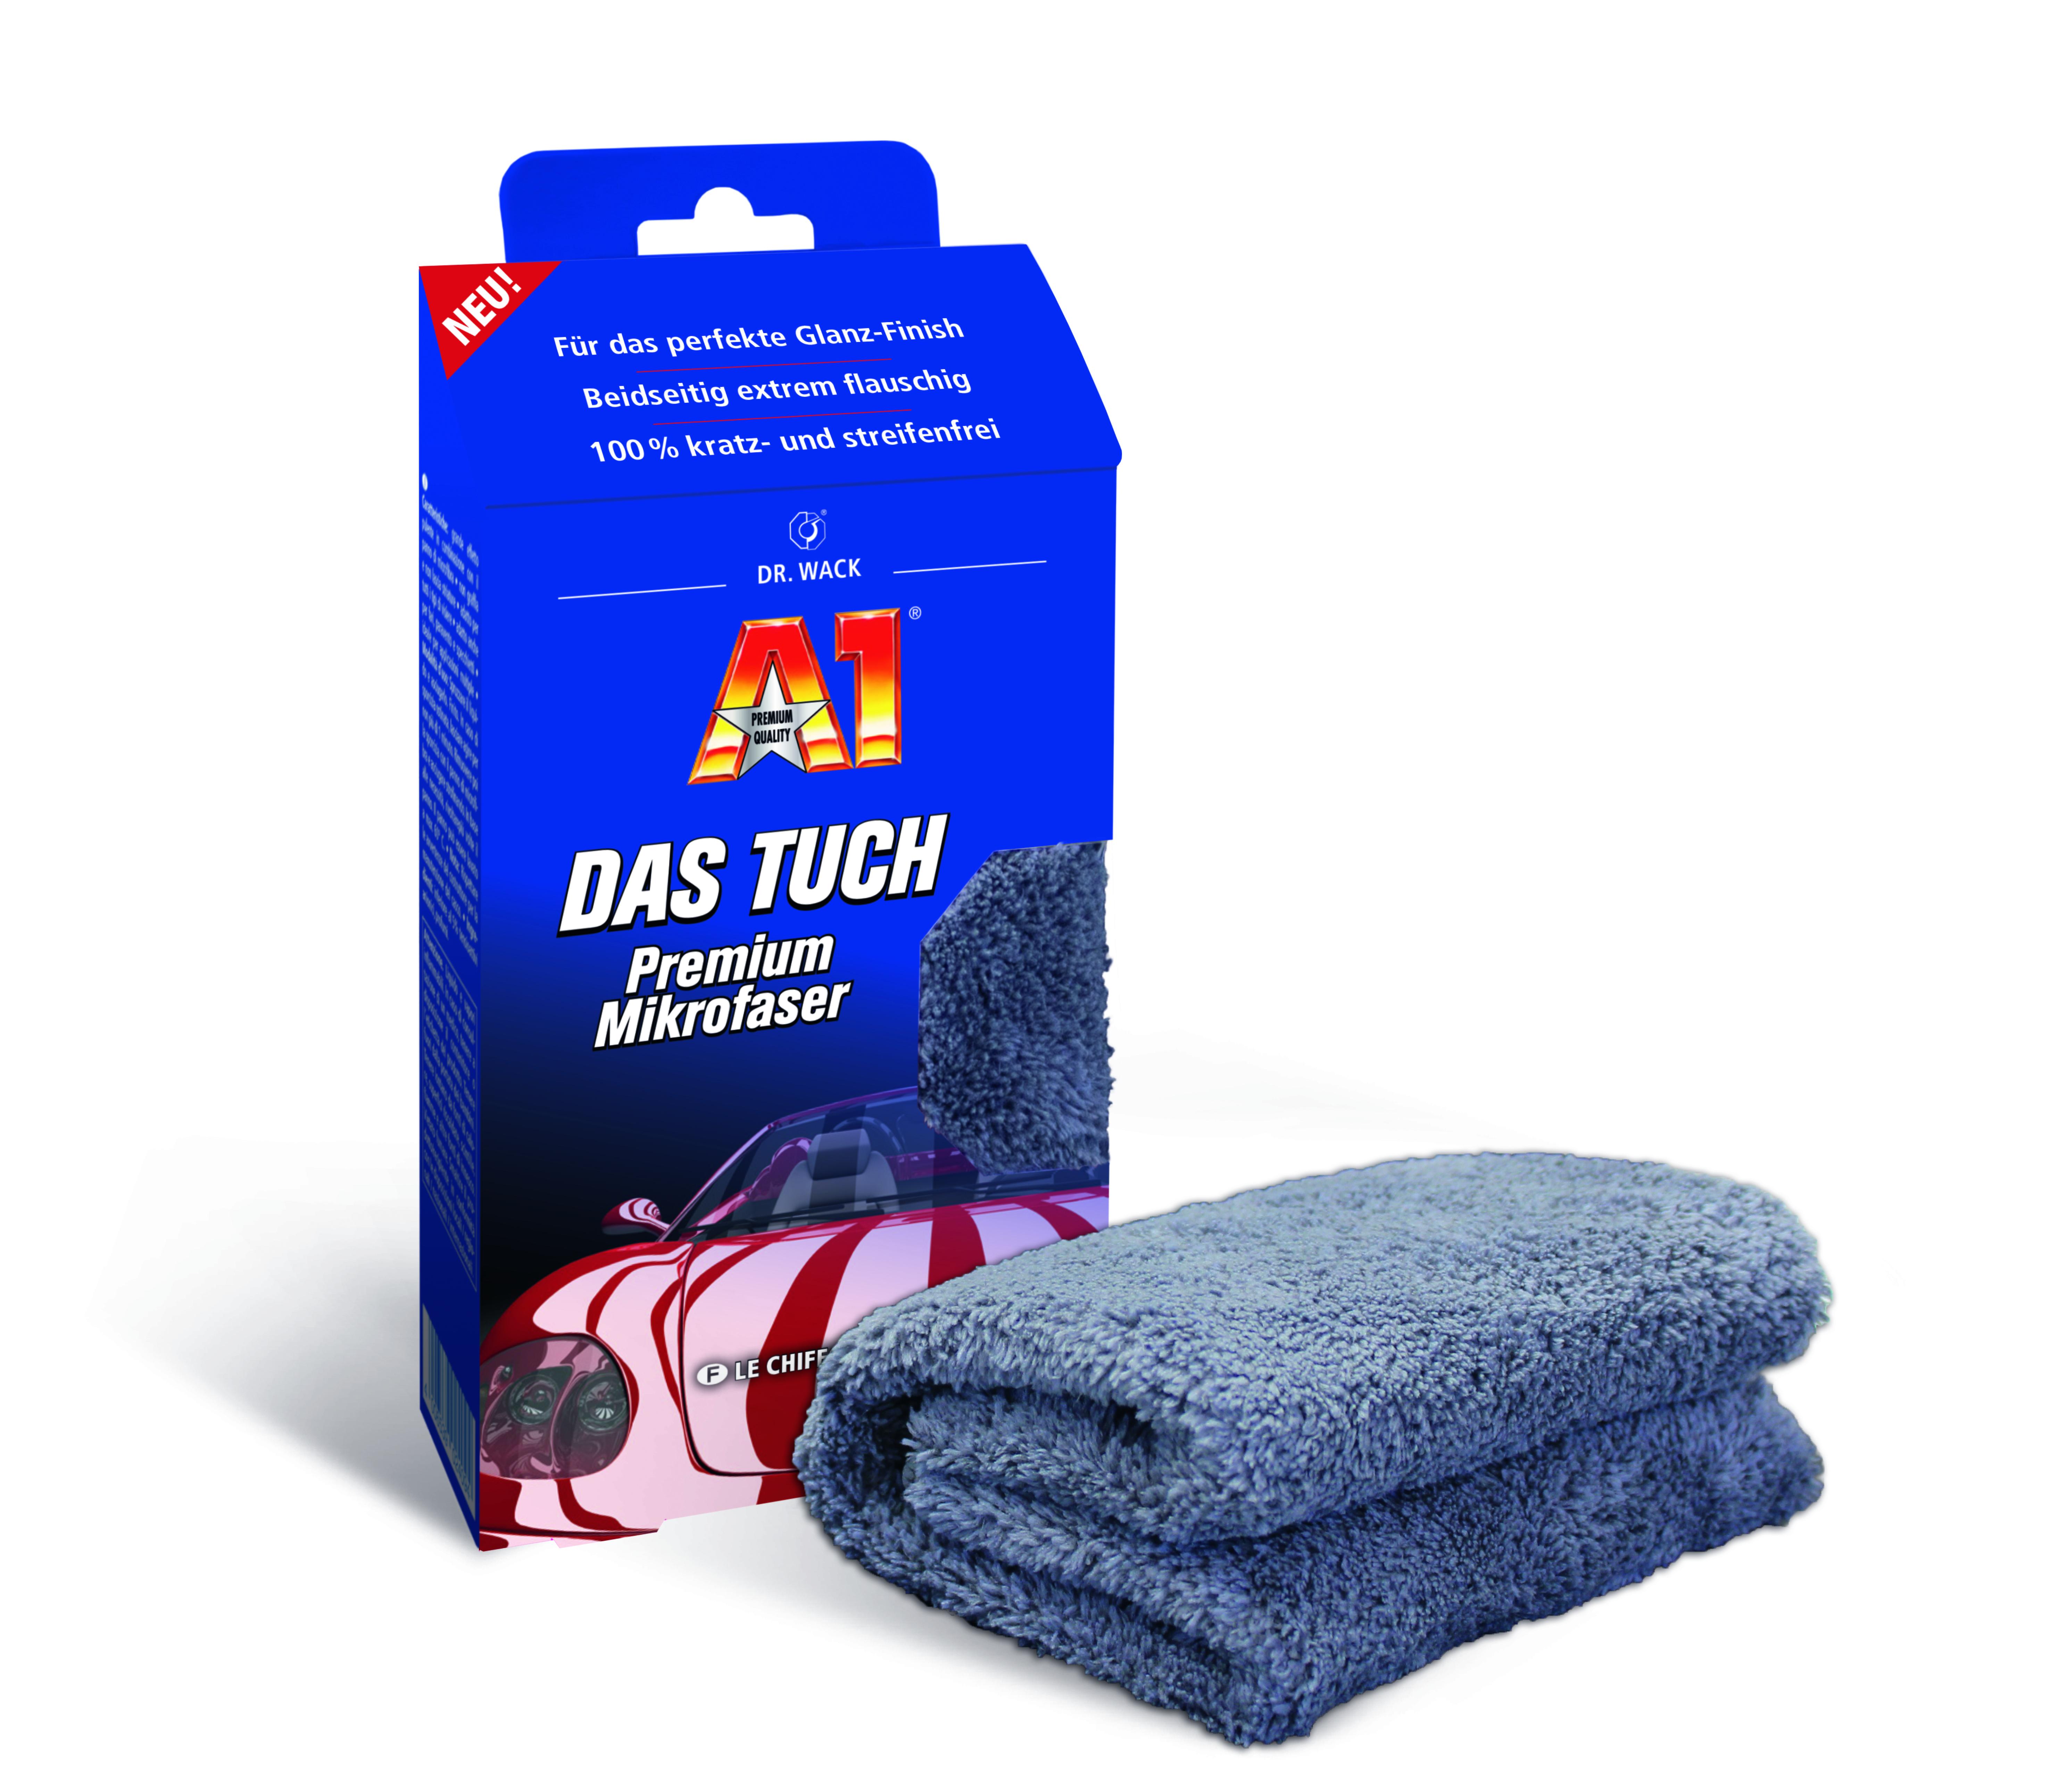 dr wack a1 das tuch premium mikrofaser 40 x 40 cm au en lack reinigung und pflege. Black Bedroom Furniture Sets. Home Design Ideas